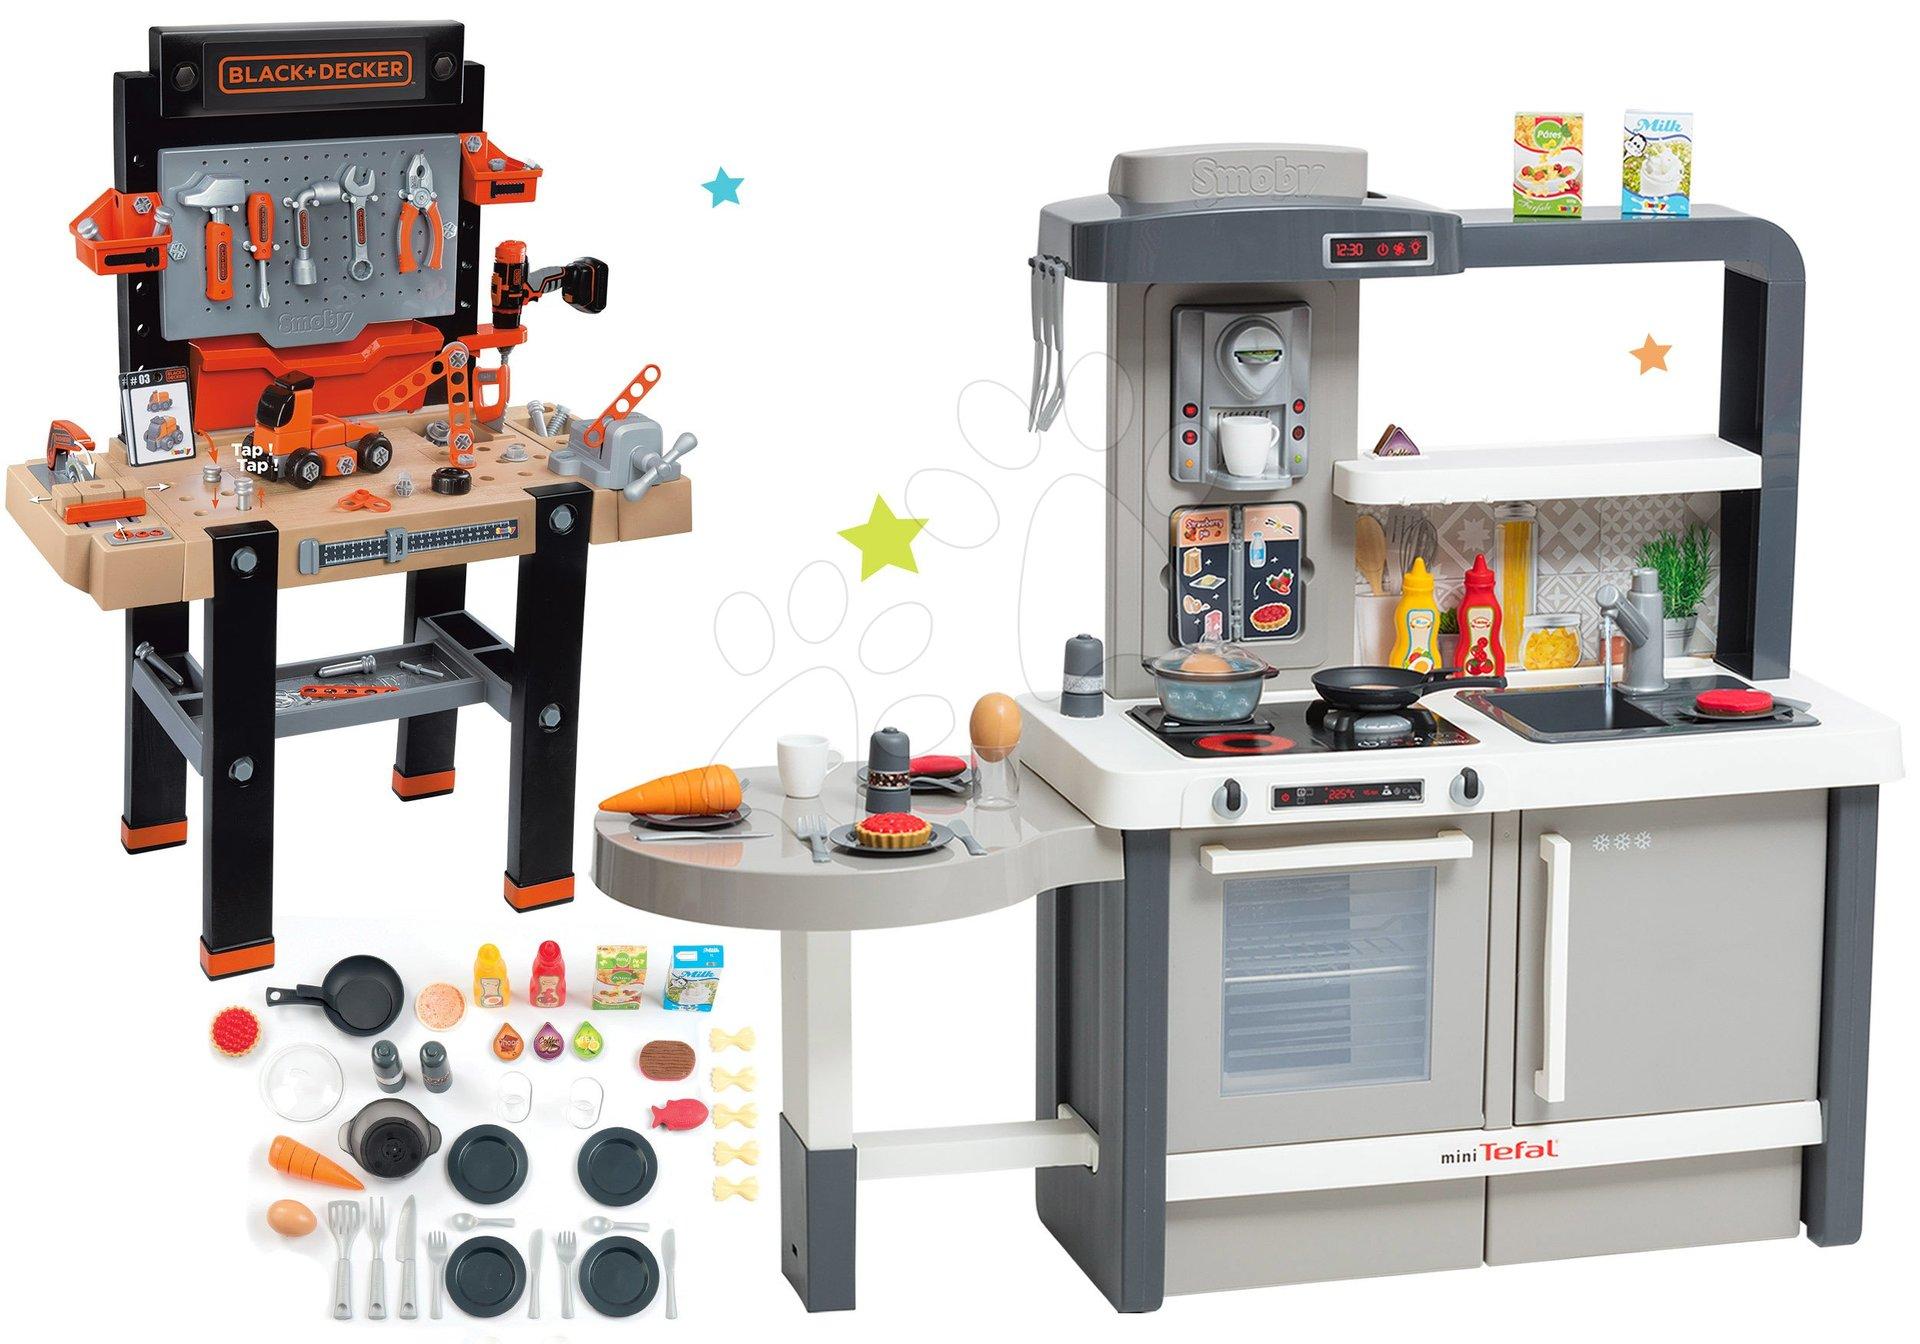 Set kuchynka rastúca s tečúcou vodou Tefal Evolutive Smoby a pracovná dielňa Black+Decker elektronická s vŕtačkou